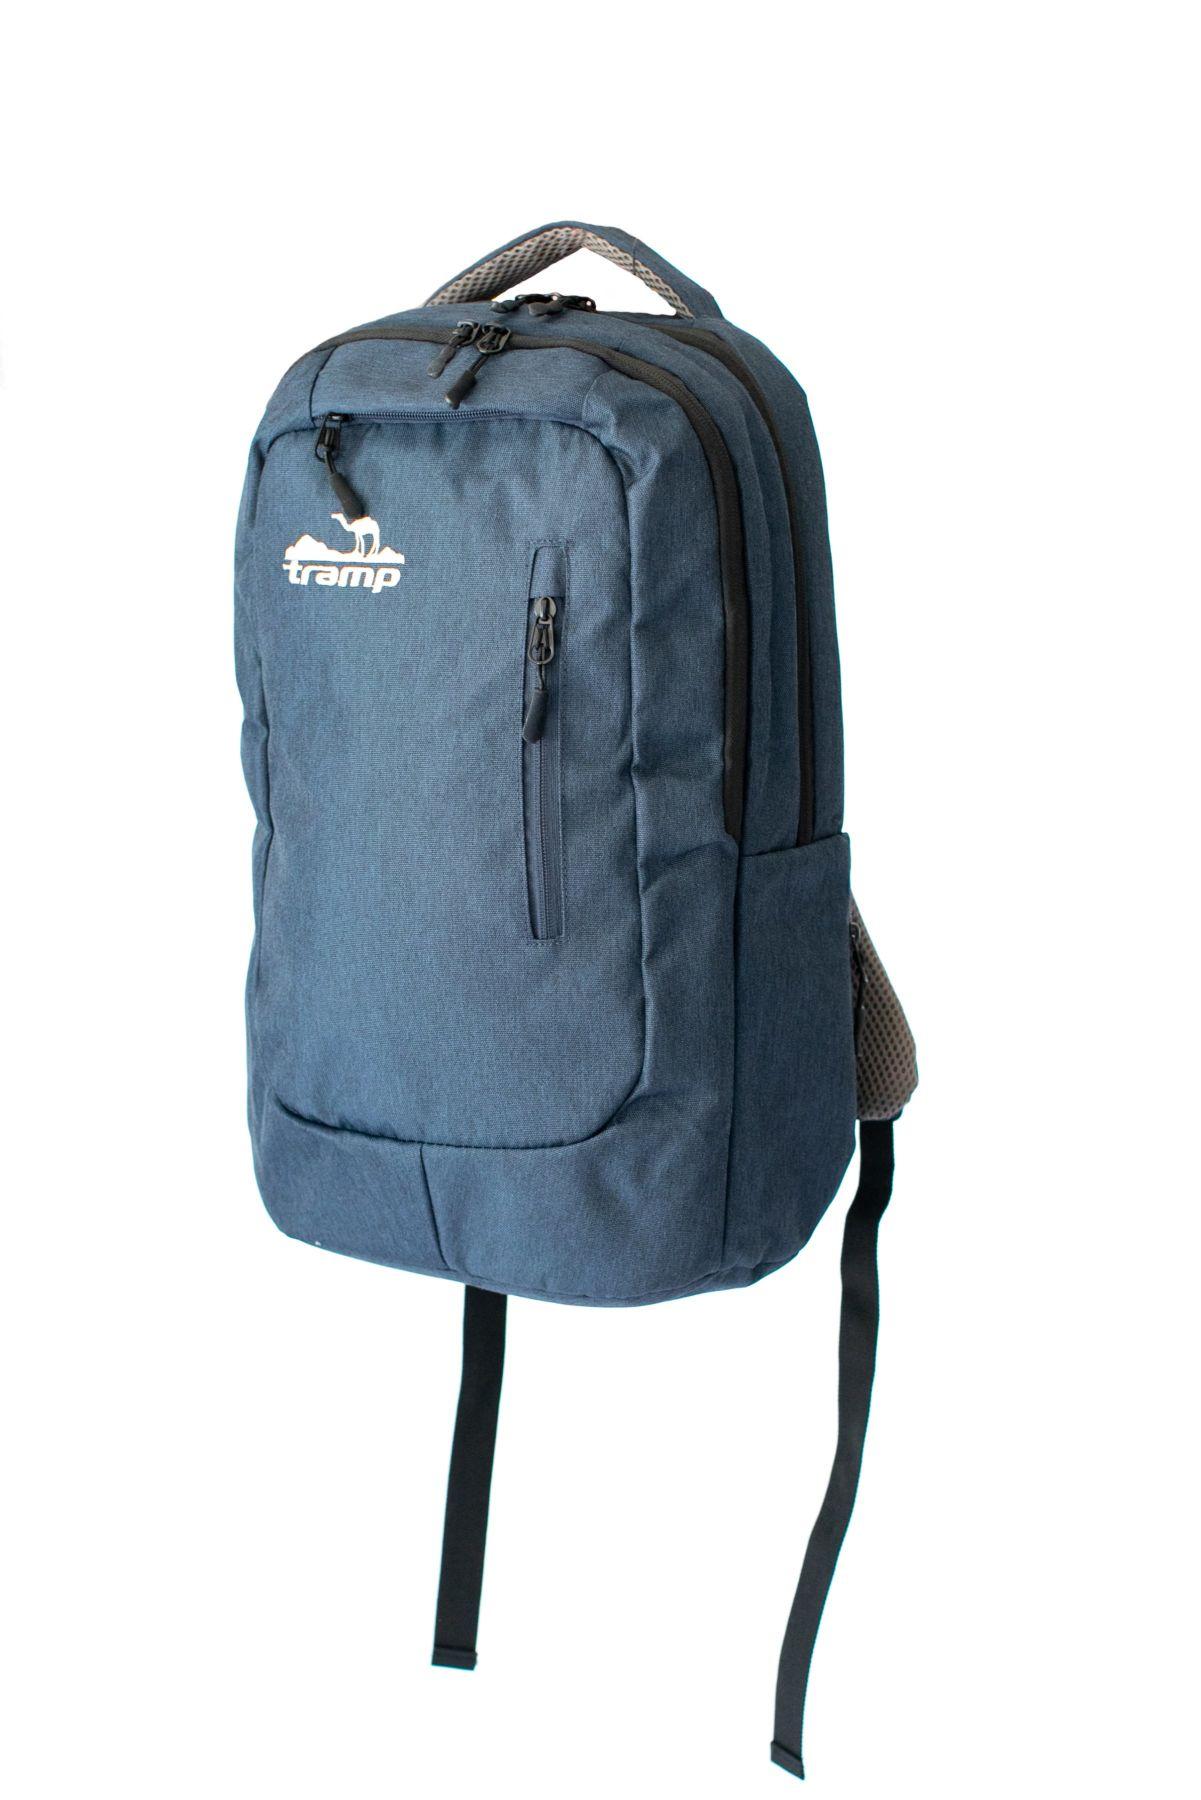 Рюкзак Tramp Urby TRP-038-blue синий